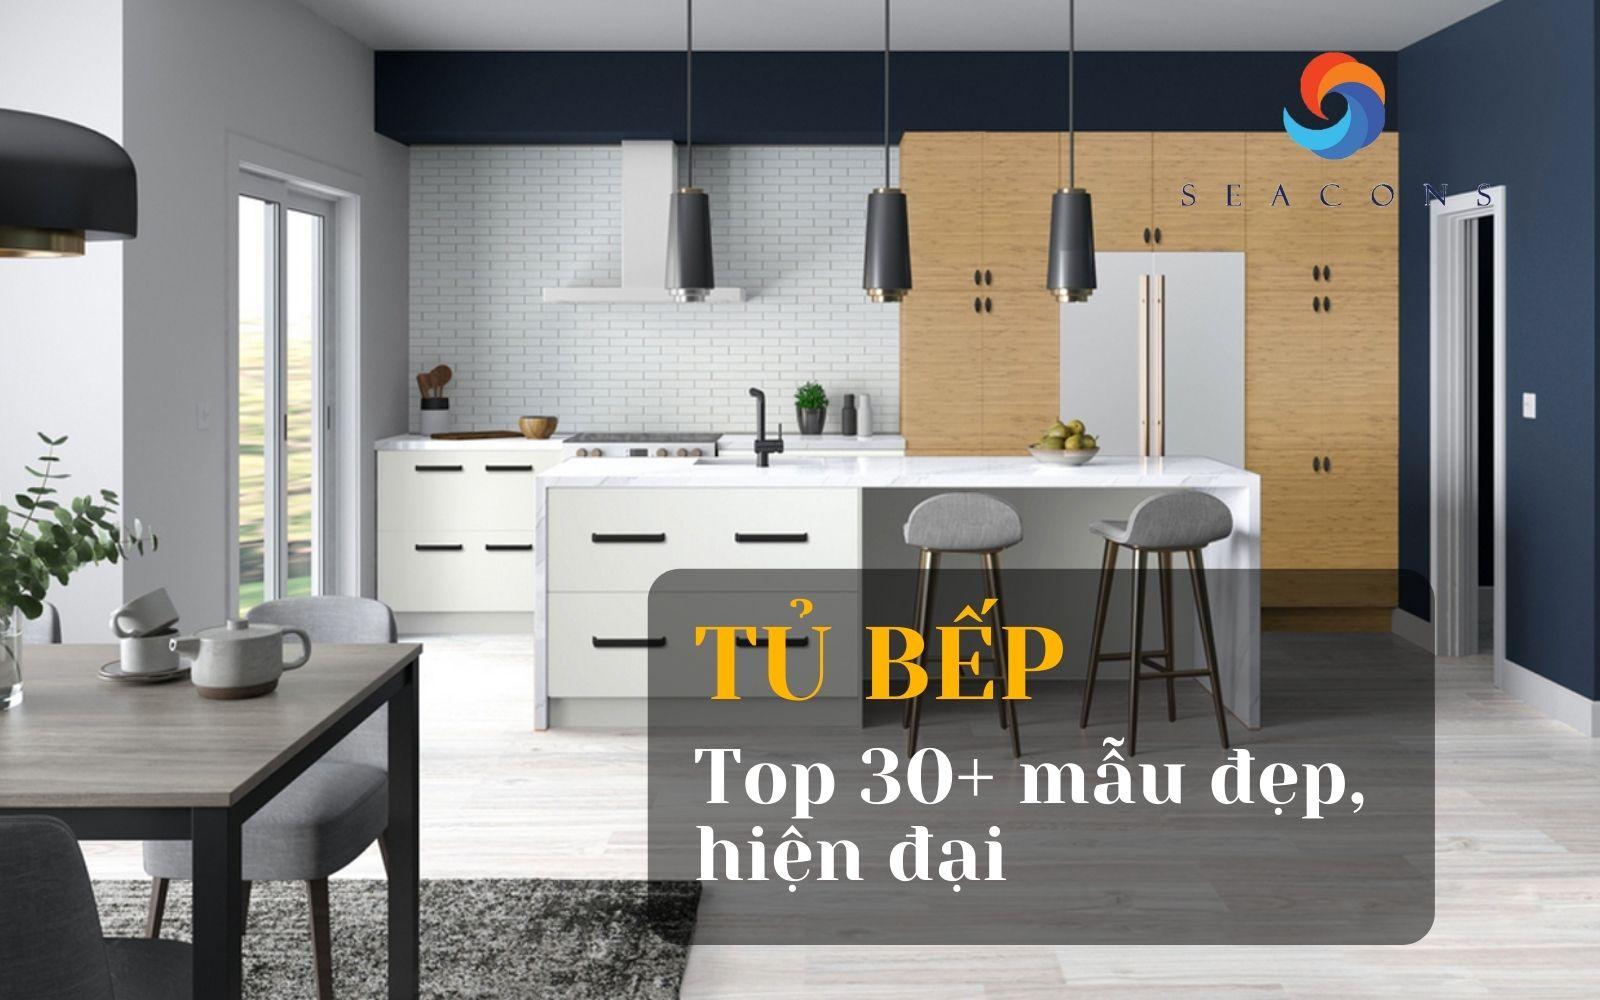 Top 30+ Mẫu tủ bếp đẹp hiện đại nhất cho năm 2021